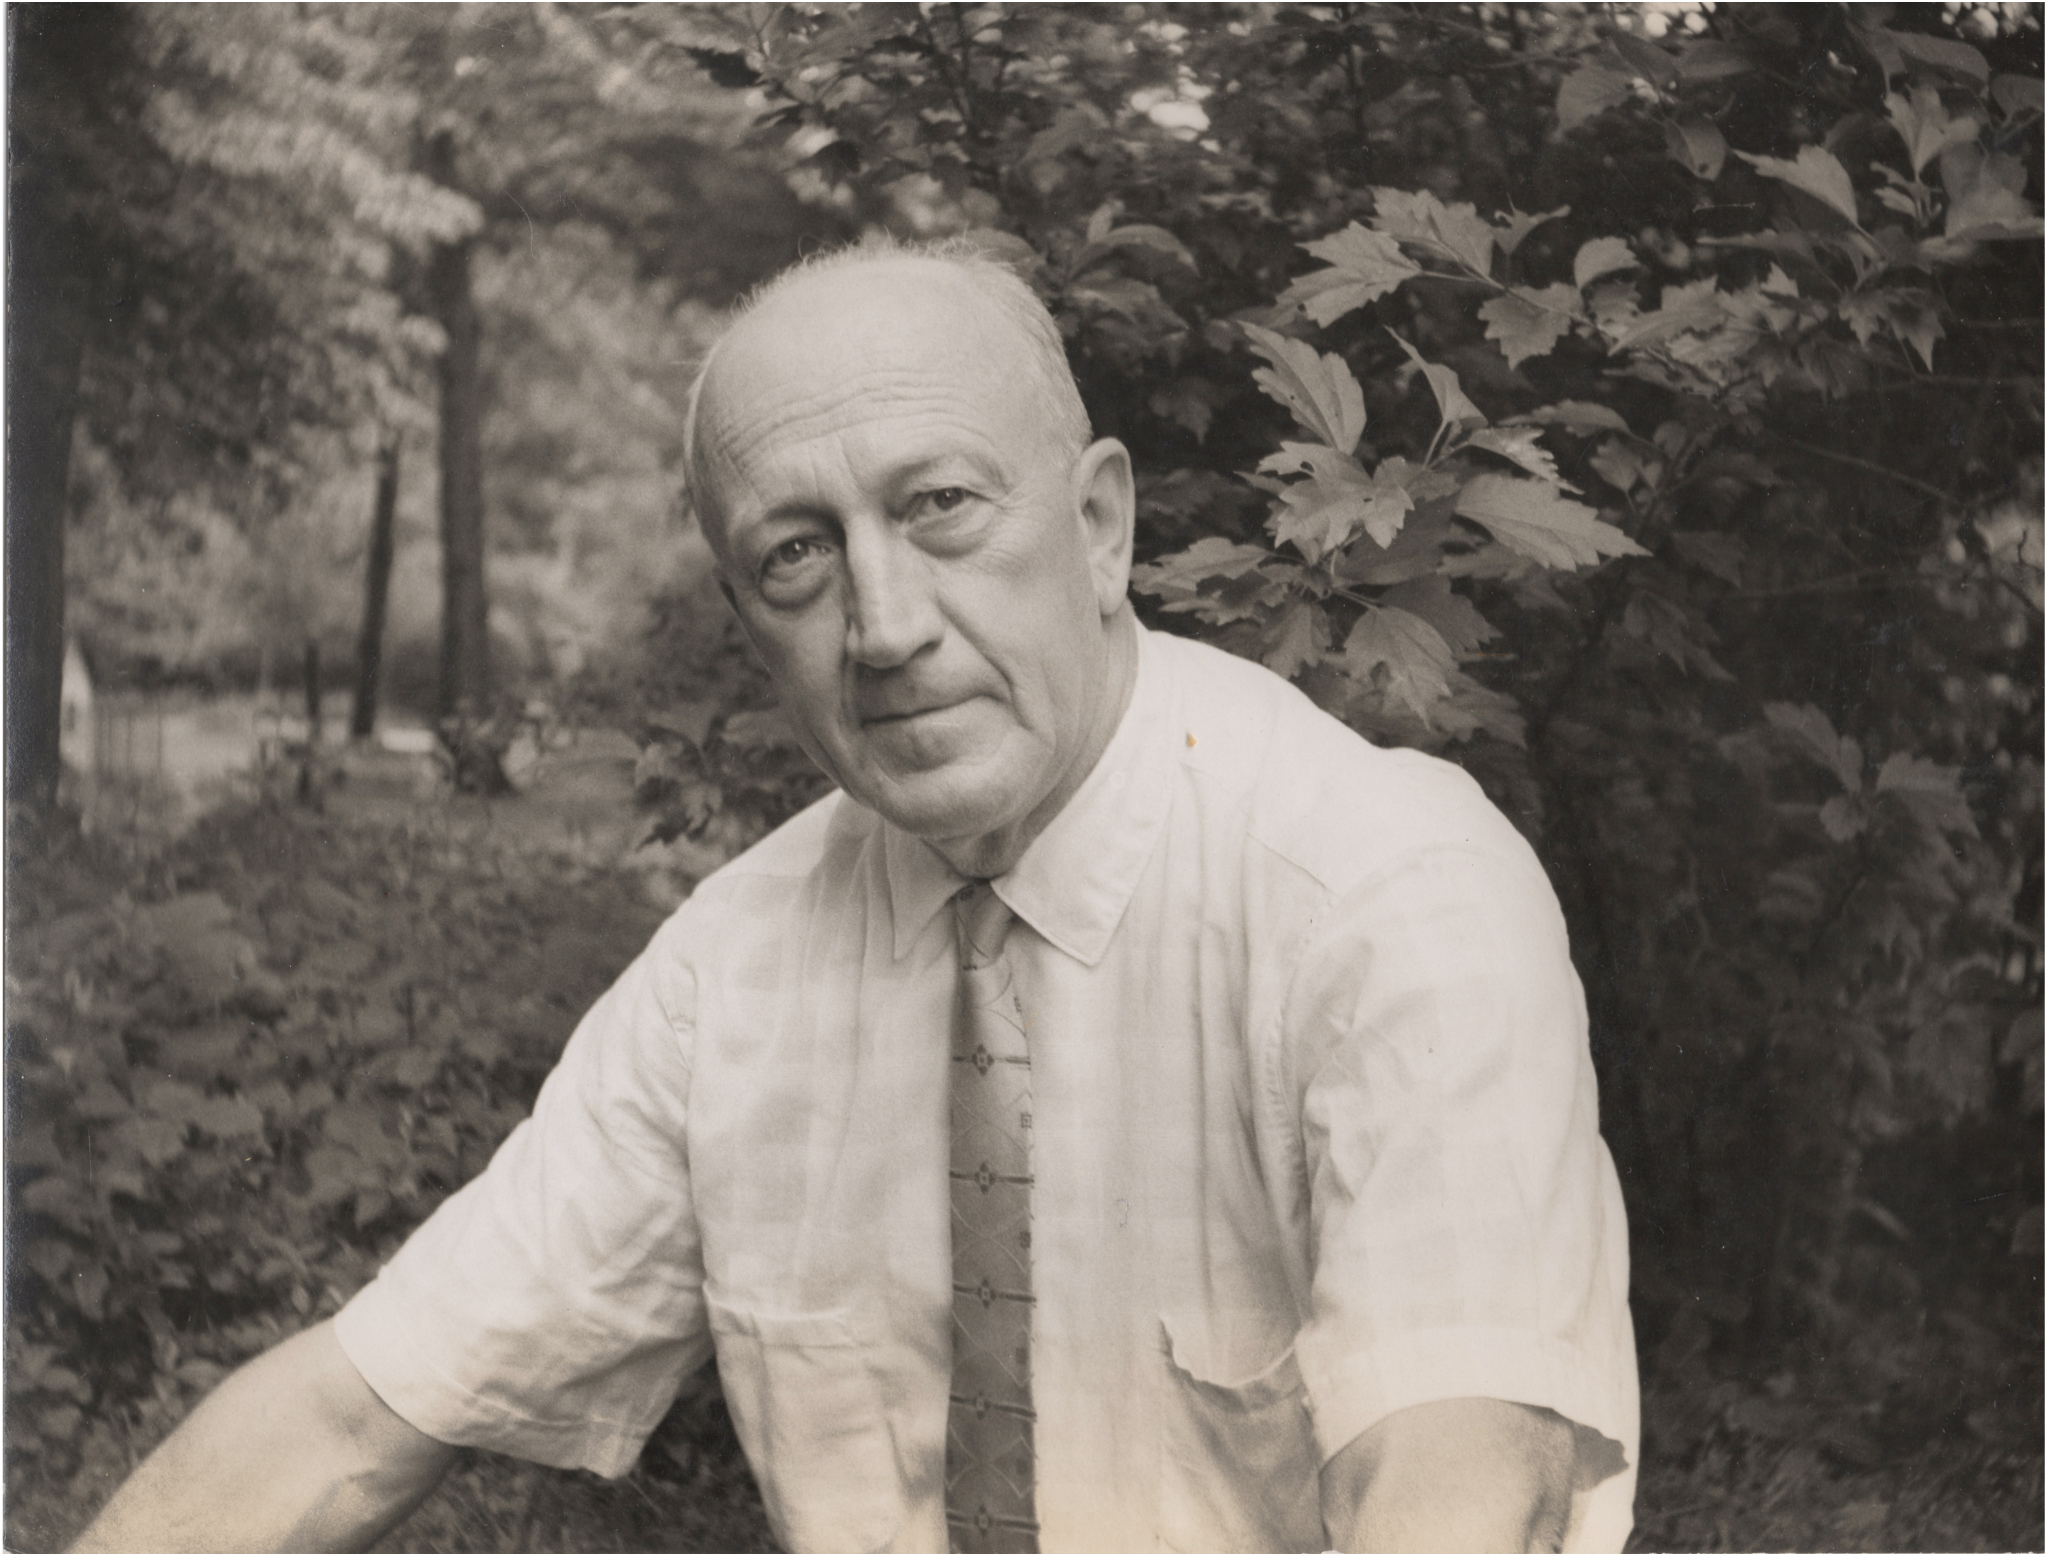 Franklin Wulp